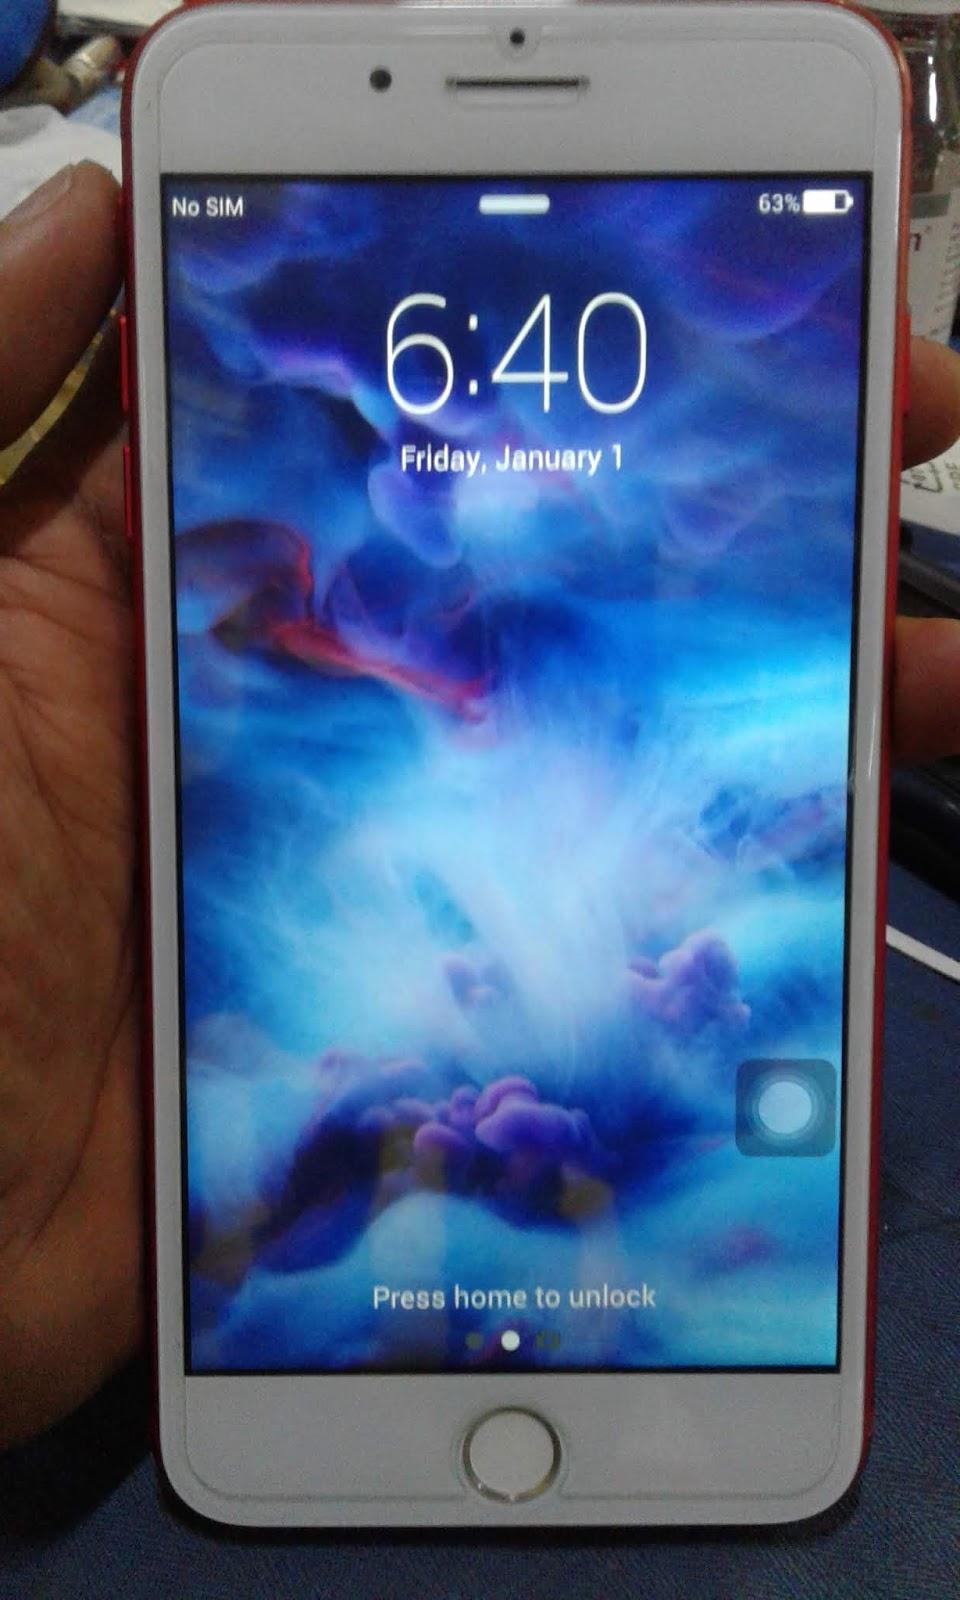 IPHONE 6S CLONE NADA FLASH FILE MT6571 4 2 2 FIRMWARE 100